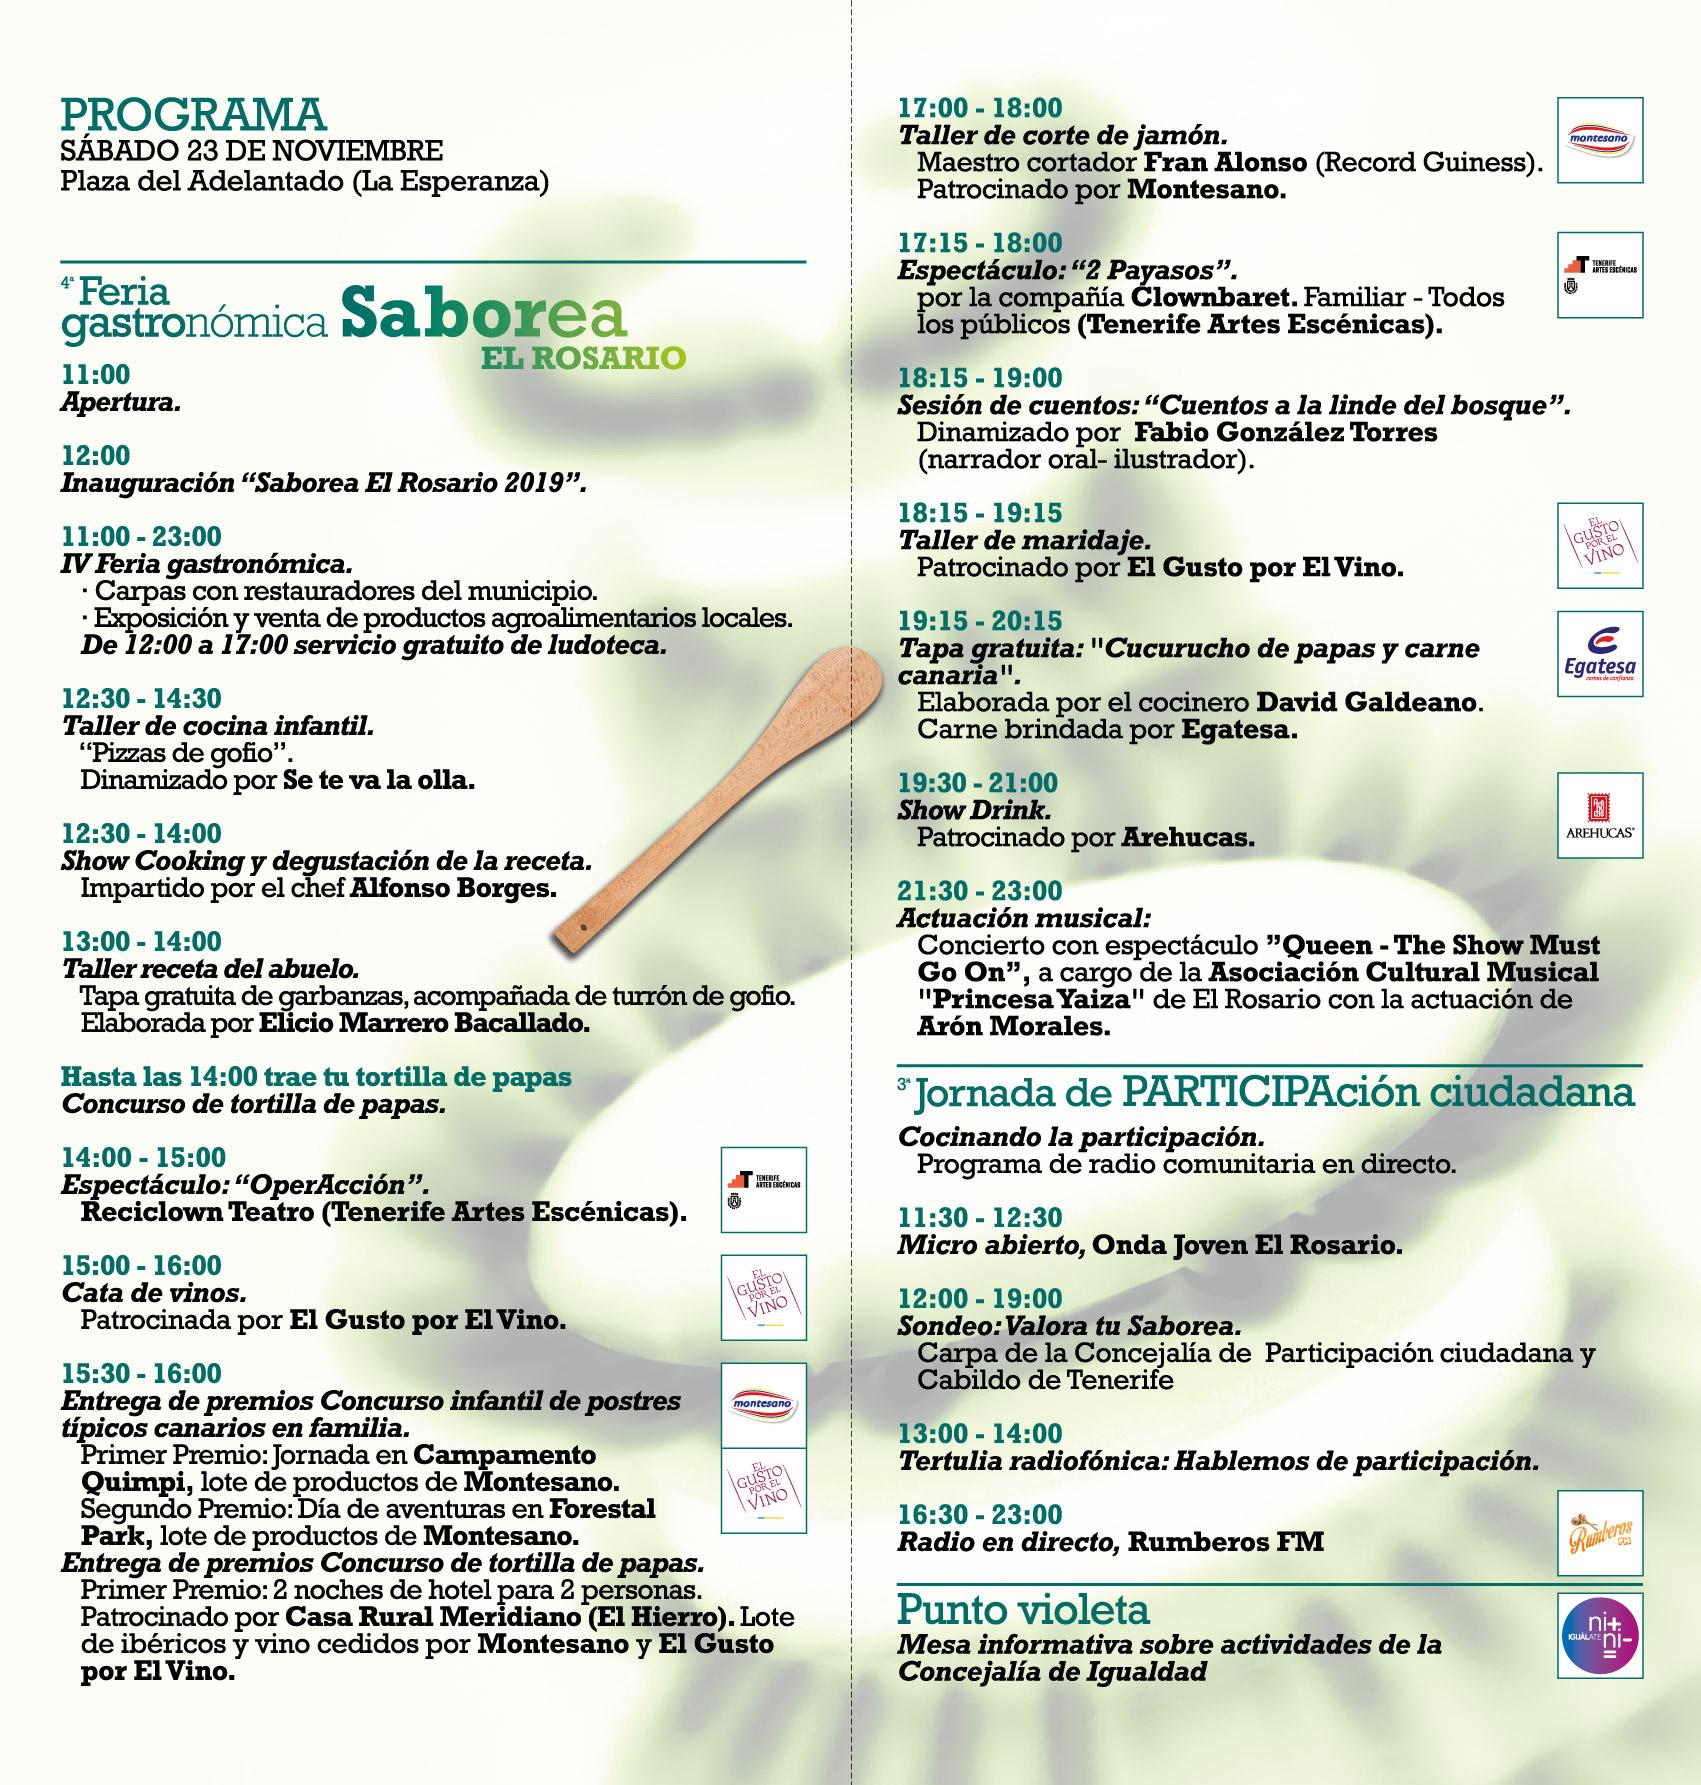 SABOREA_EL_ROSARIO-FERIA_GASTRONOMICA-20191123-DIP_INT-200x210-20191117-02af-redes